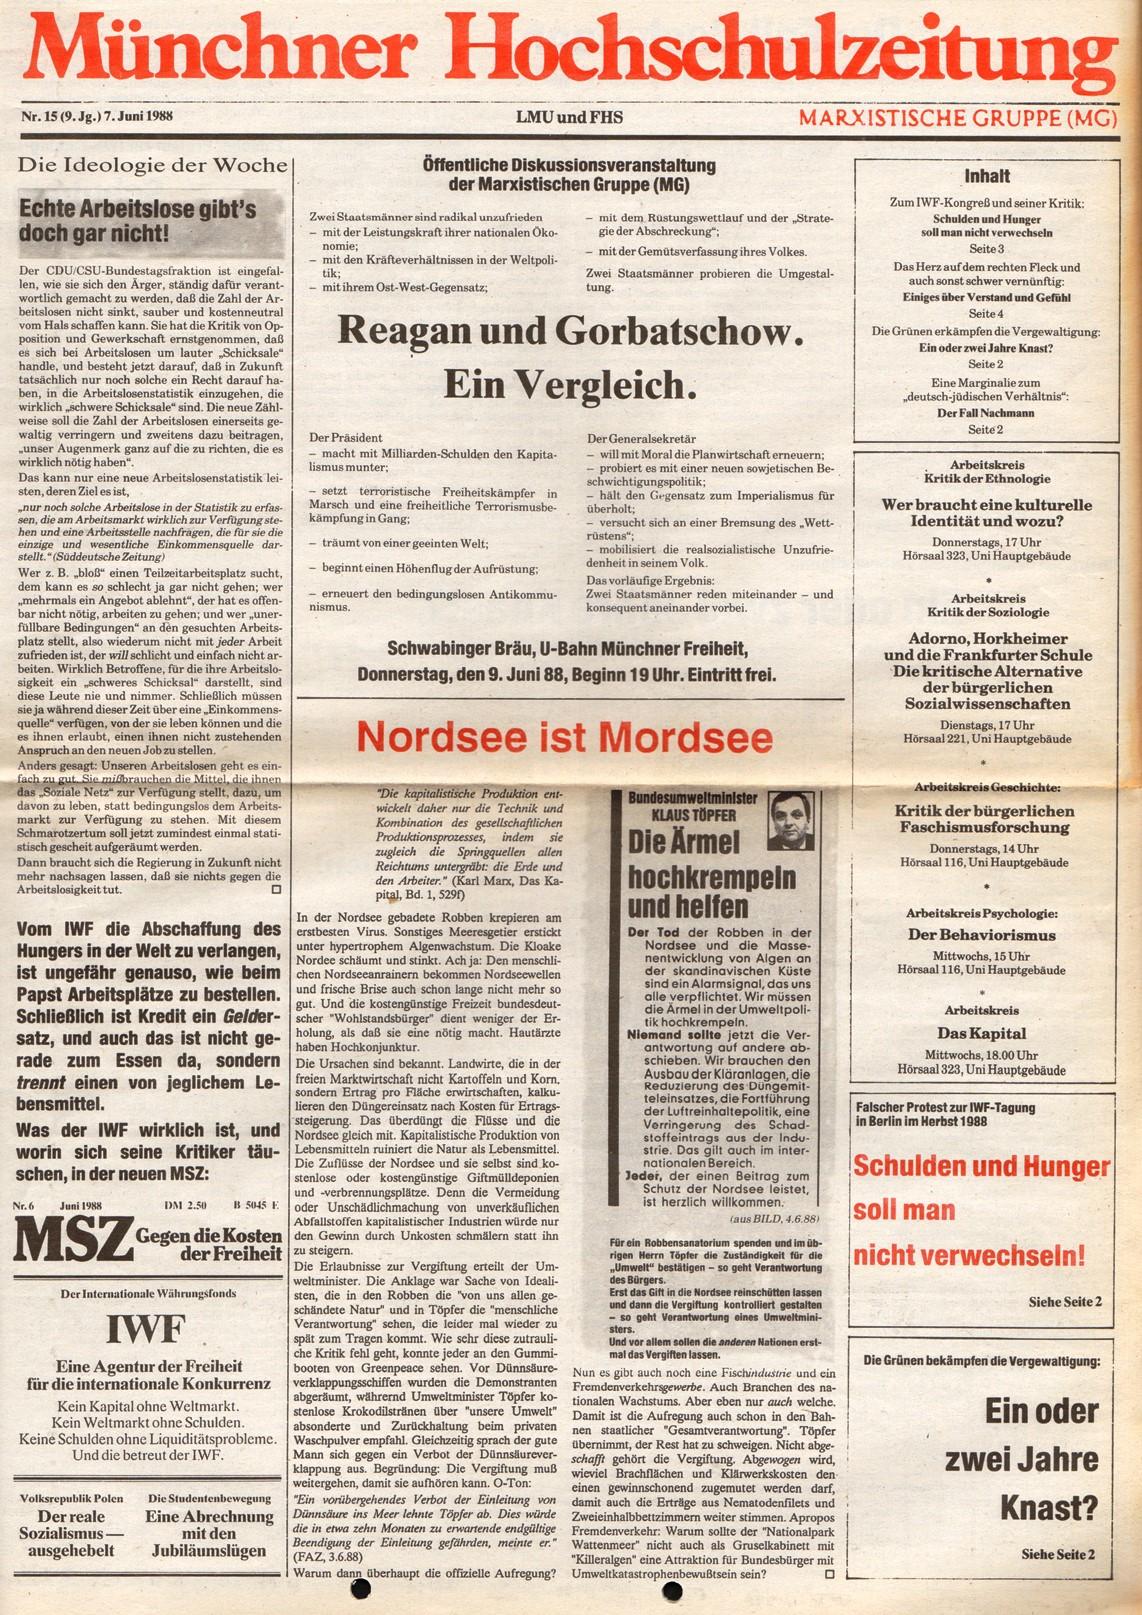 Muenchen_MG_Hochschulzeitung_19880607_01